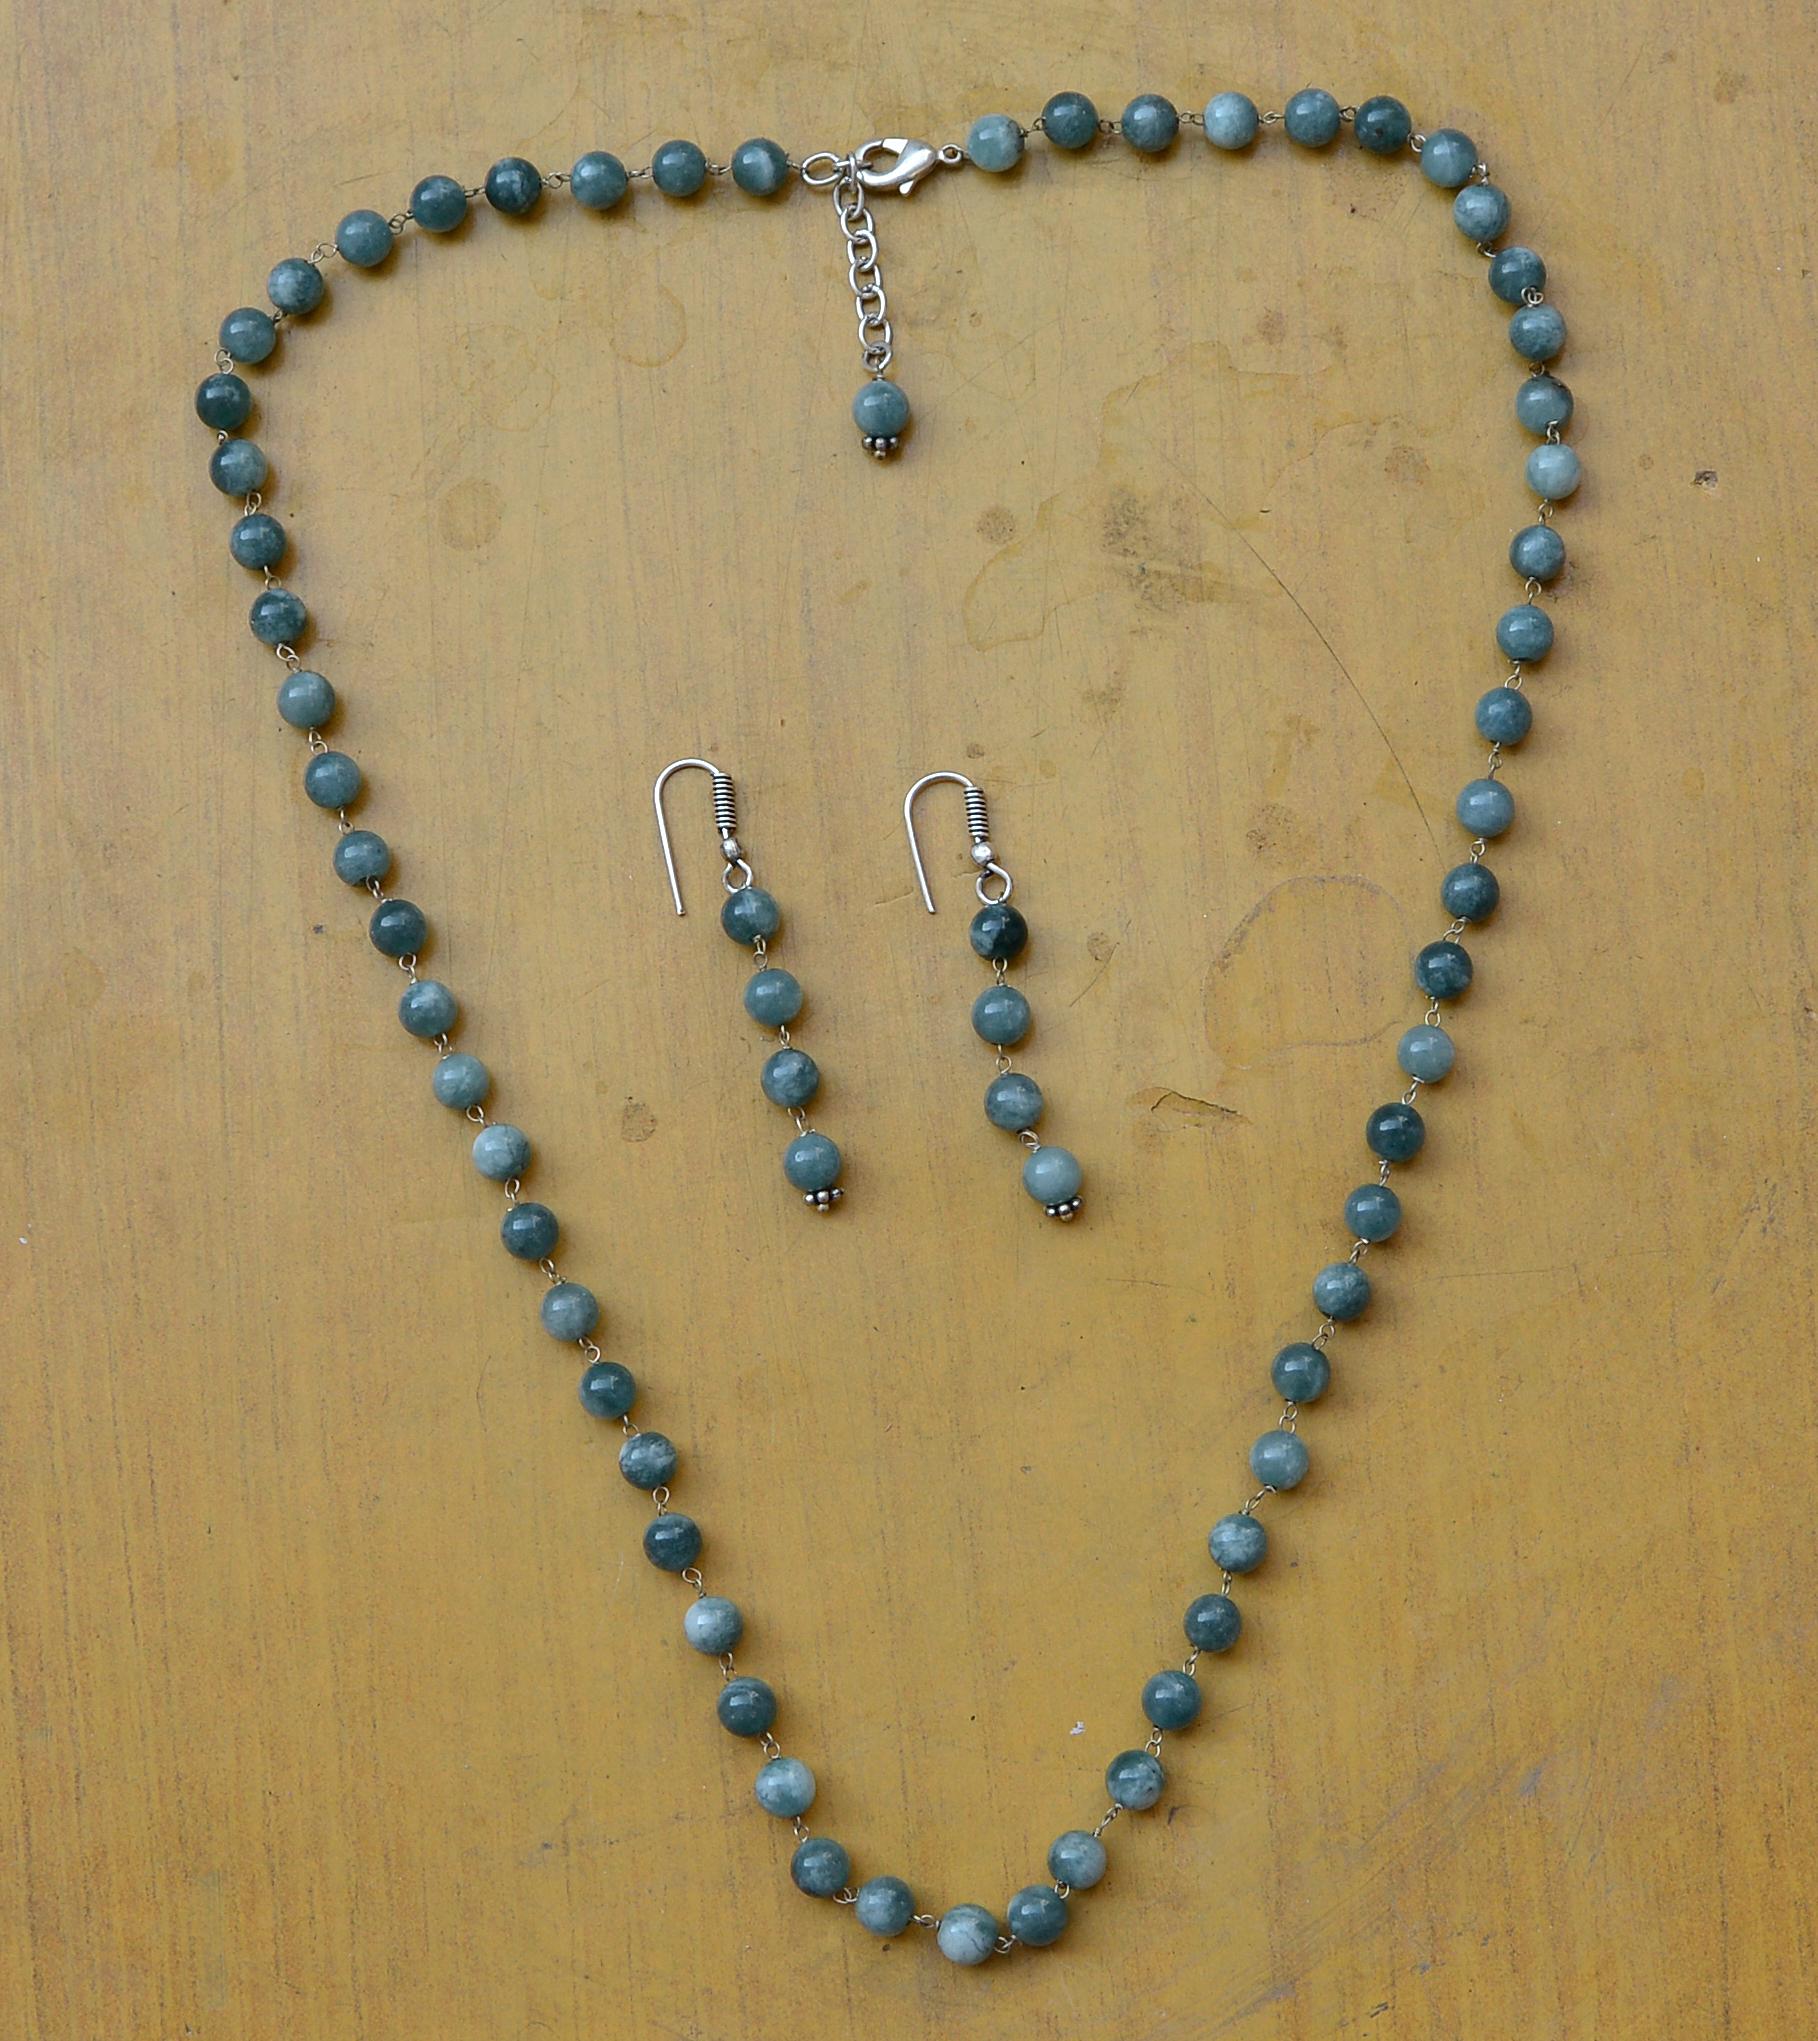 Dianite Blue Quartz Silver Necklace Set PG-156688